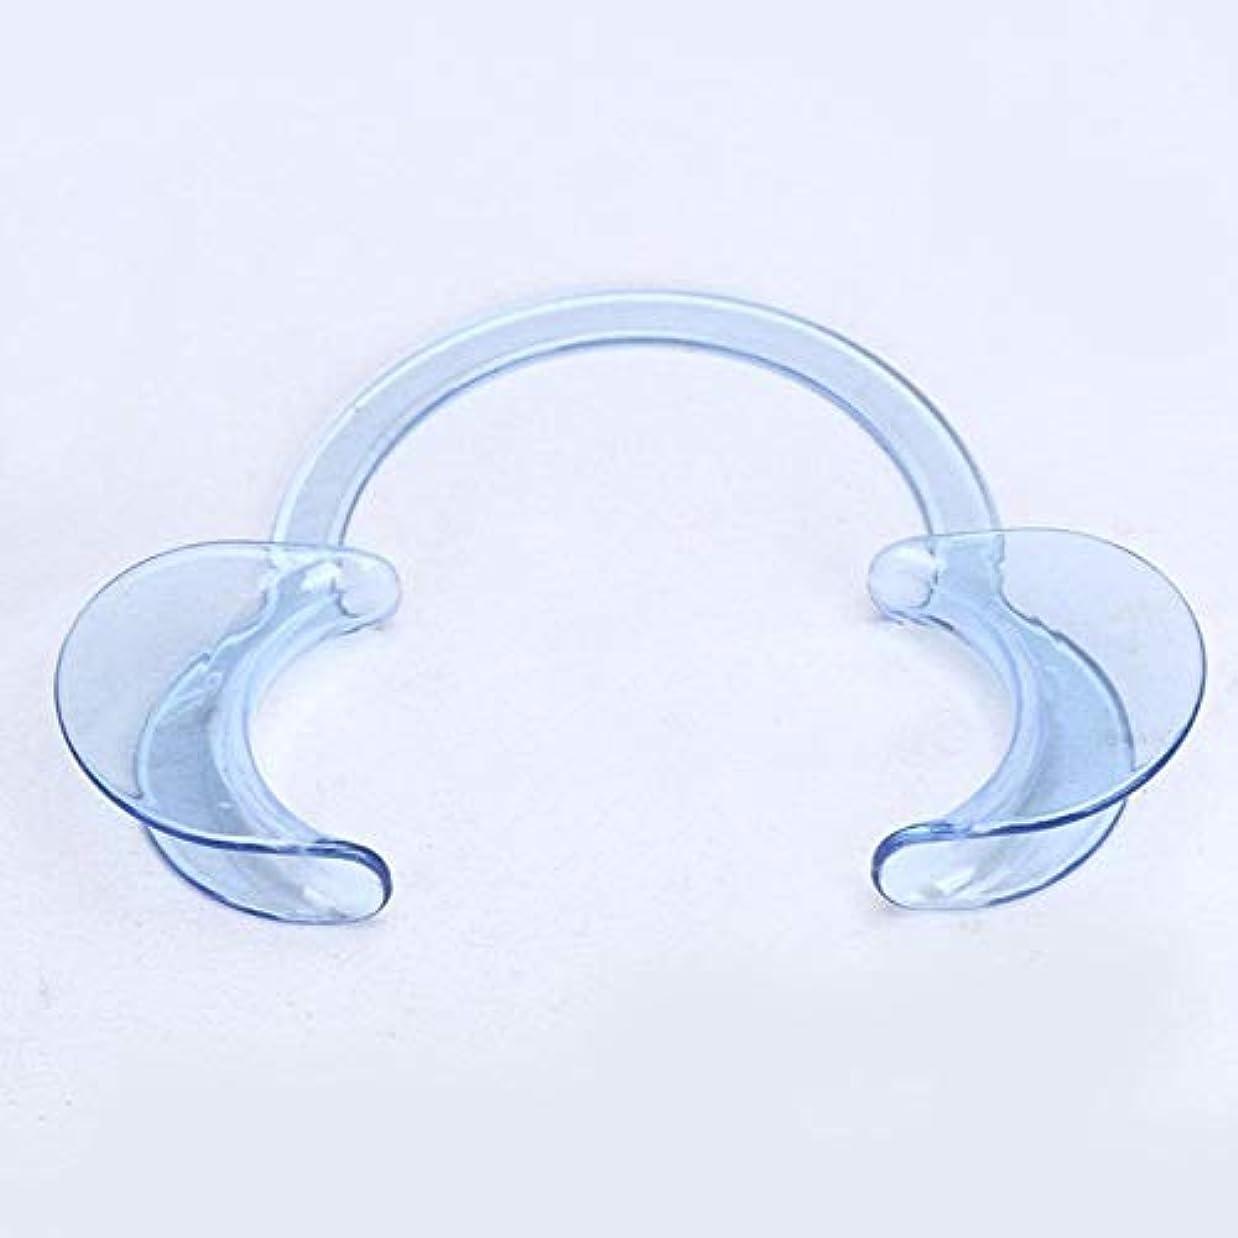 ベリーフロントファンシーDC パック 歯科 C型 開口器 口オープナー マウスオープナー 開口マウスオープナー C型ホワイトニング口の開創器